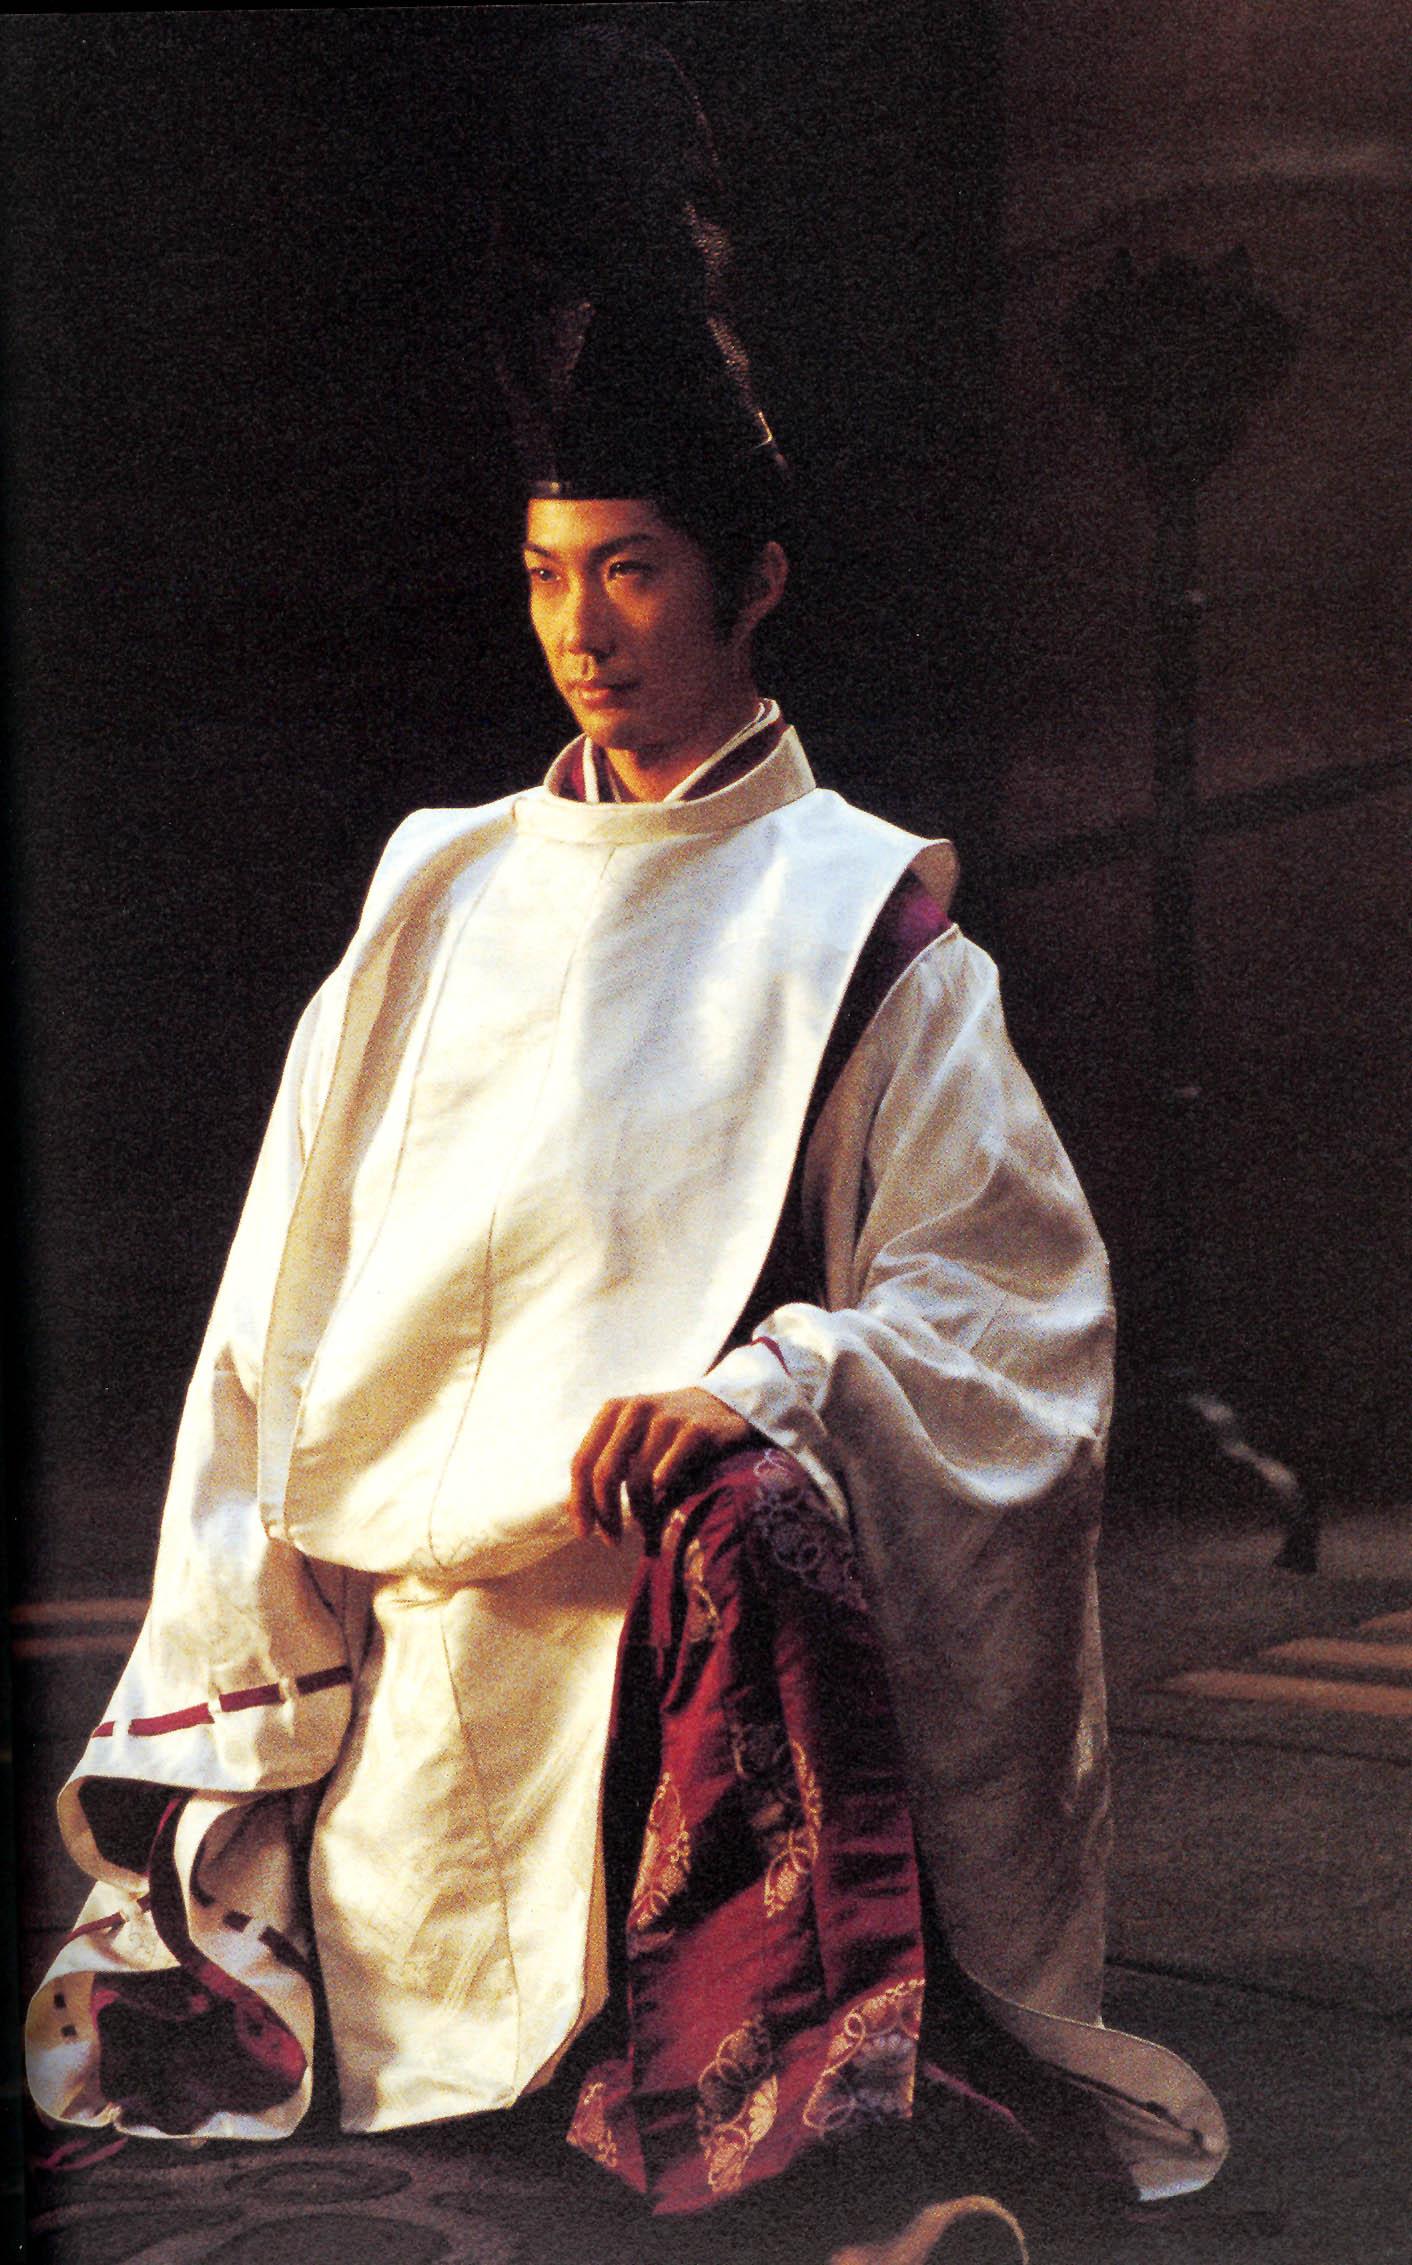 人体艺术暴露�_有部日本电影讲的是捉鬼的里面的道士男主角非常帅.